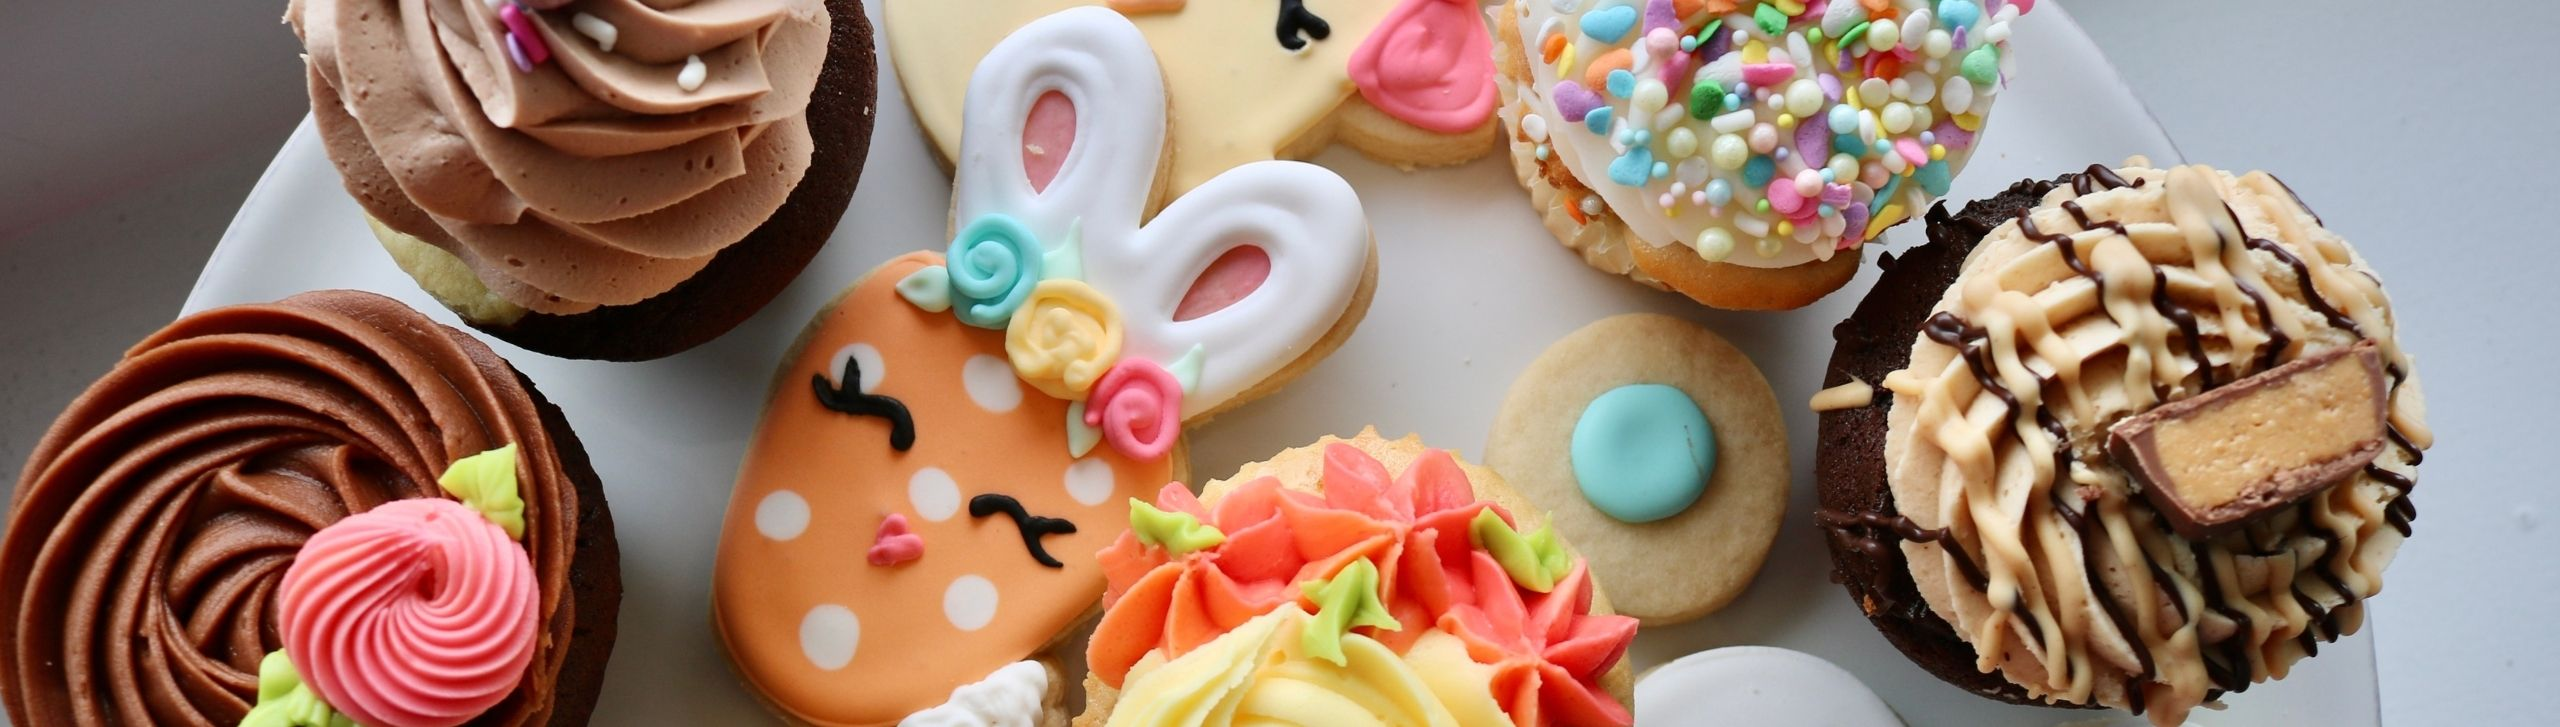 Easter Hero | 3 Sweet Girls Cakery